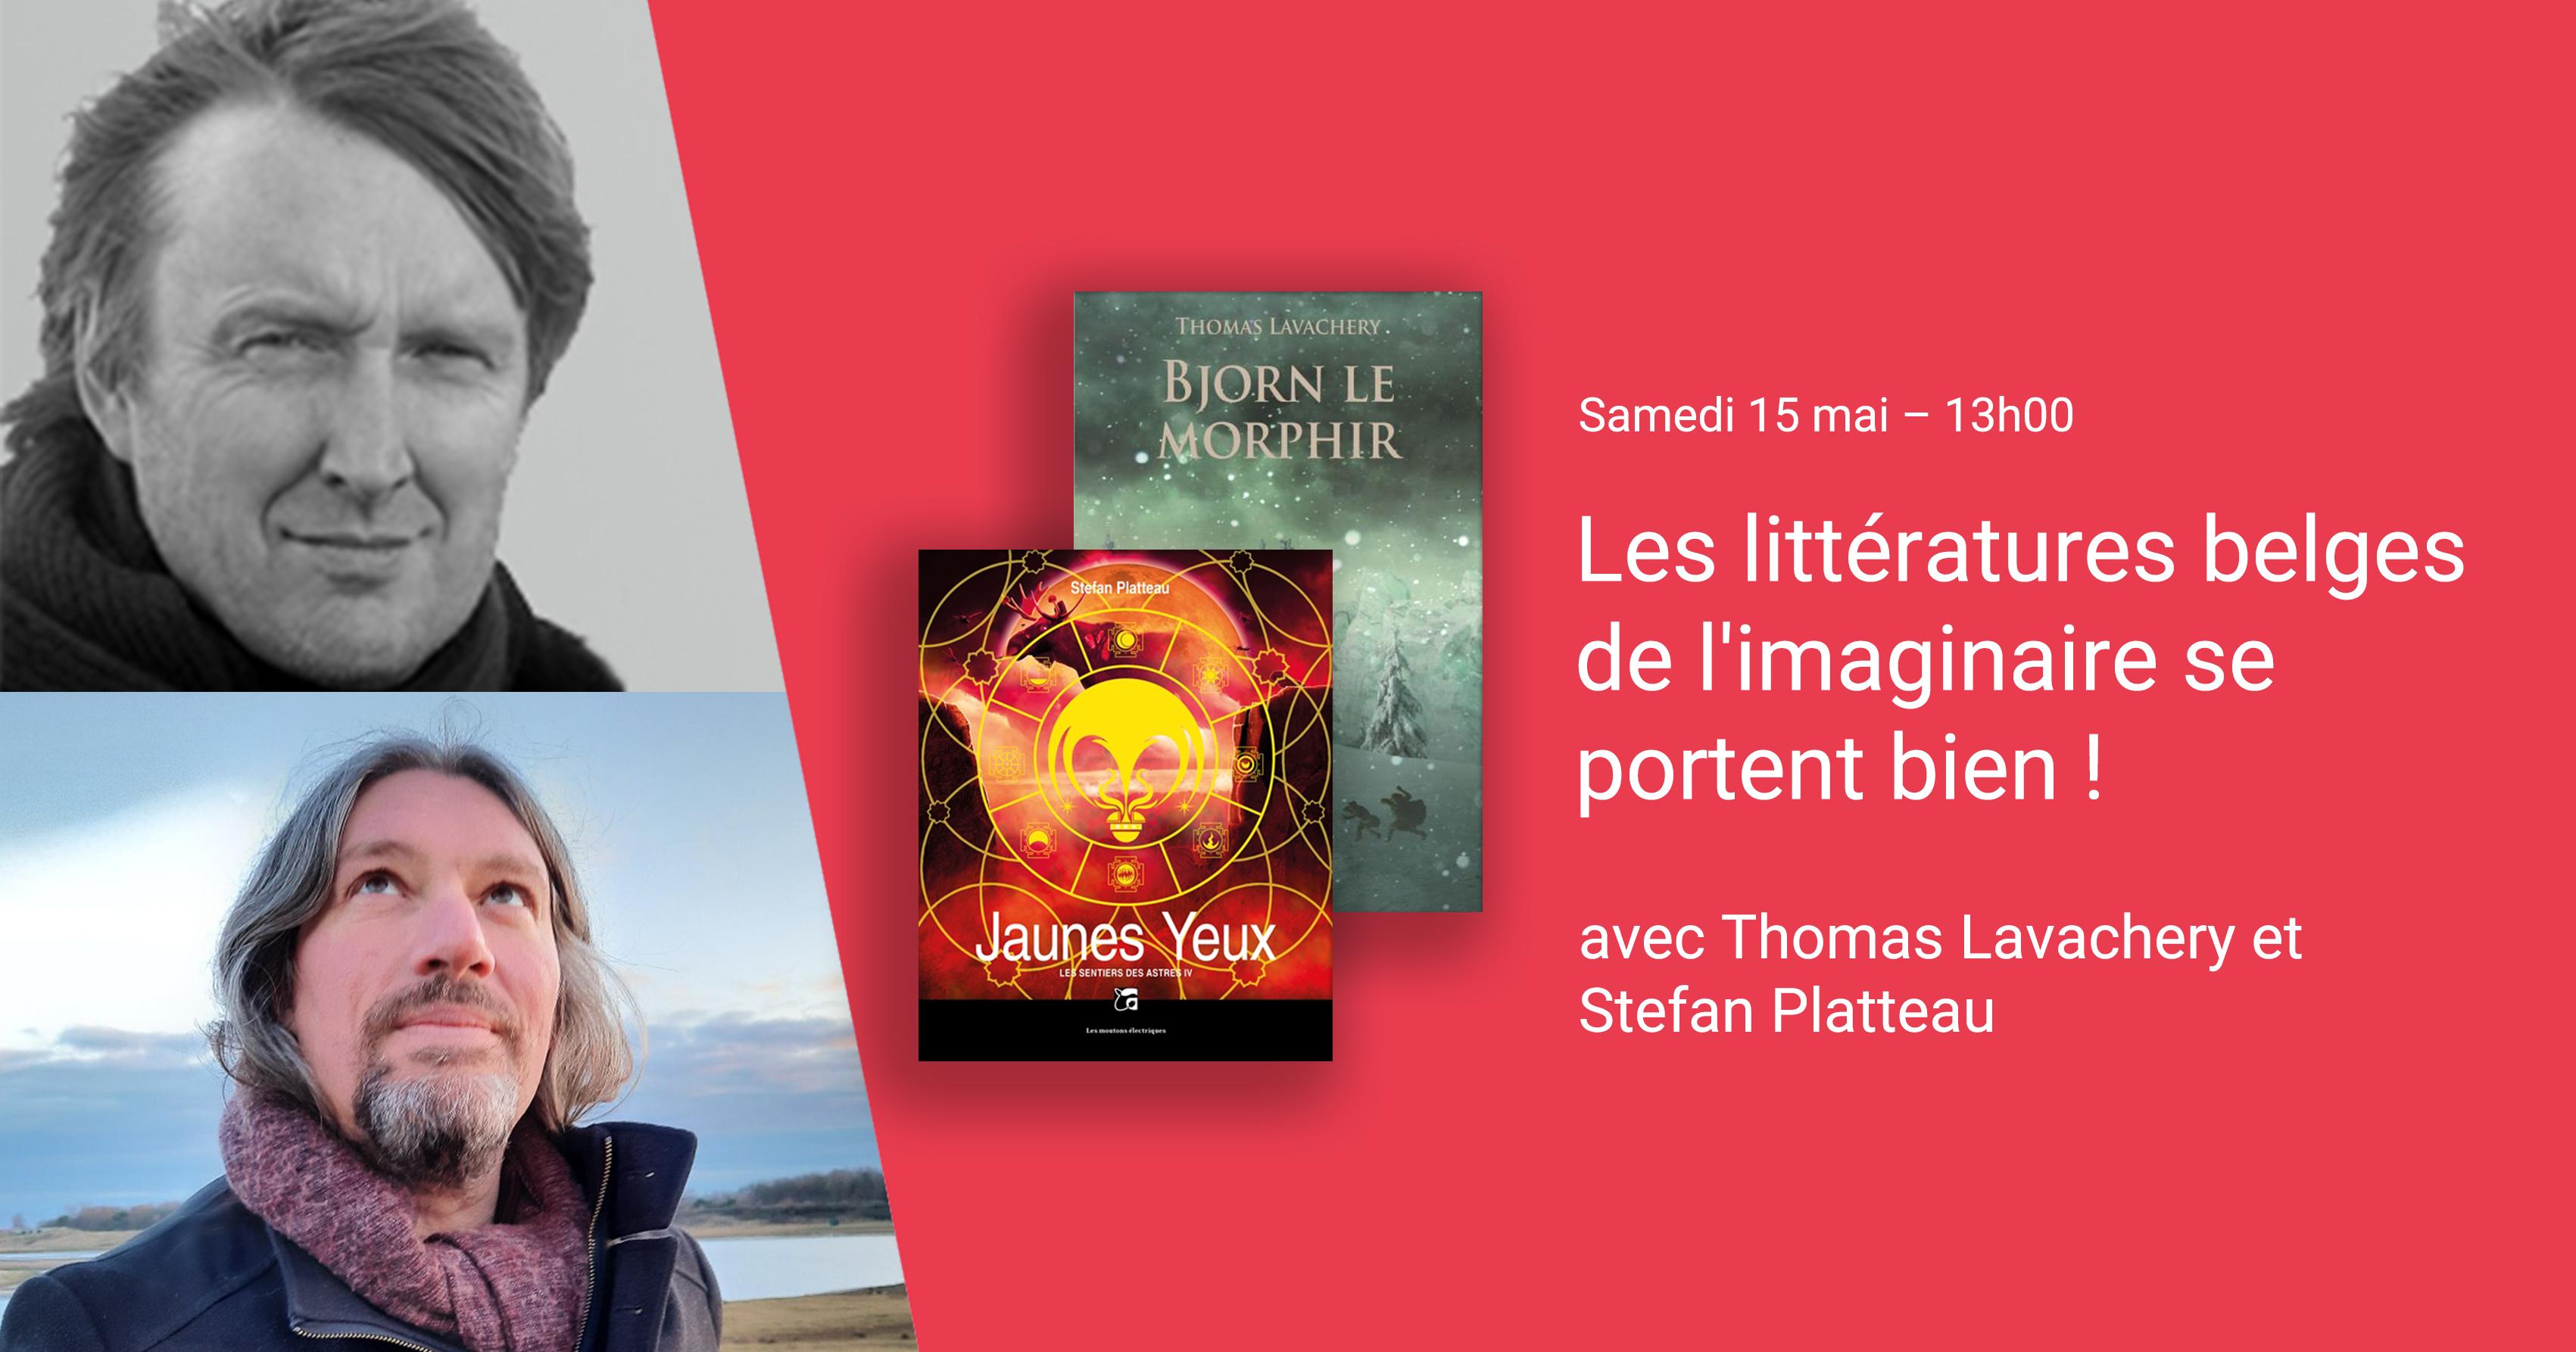 Les littératures belges de l'imaginaire se portent bien !